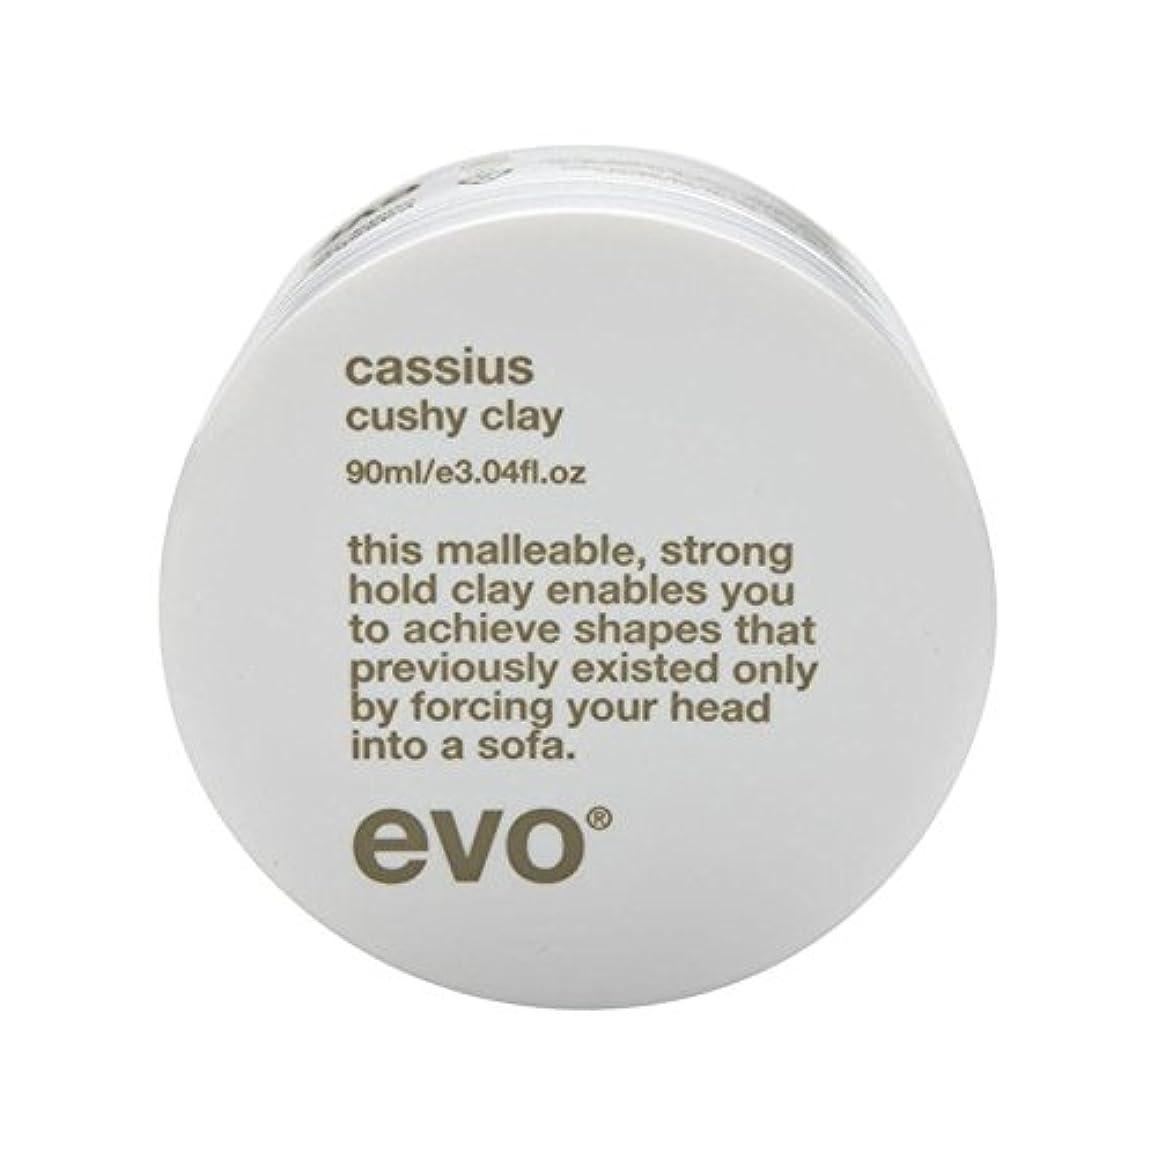 スーツケース弾薬異常エボカシウス楽な粘土90グラム x2 - Evo Cassius Cushy Clay 90G (Pack of 2) [並行輸入品]